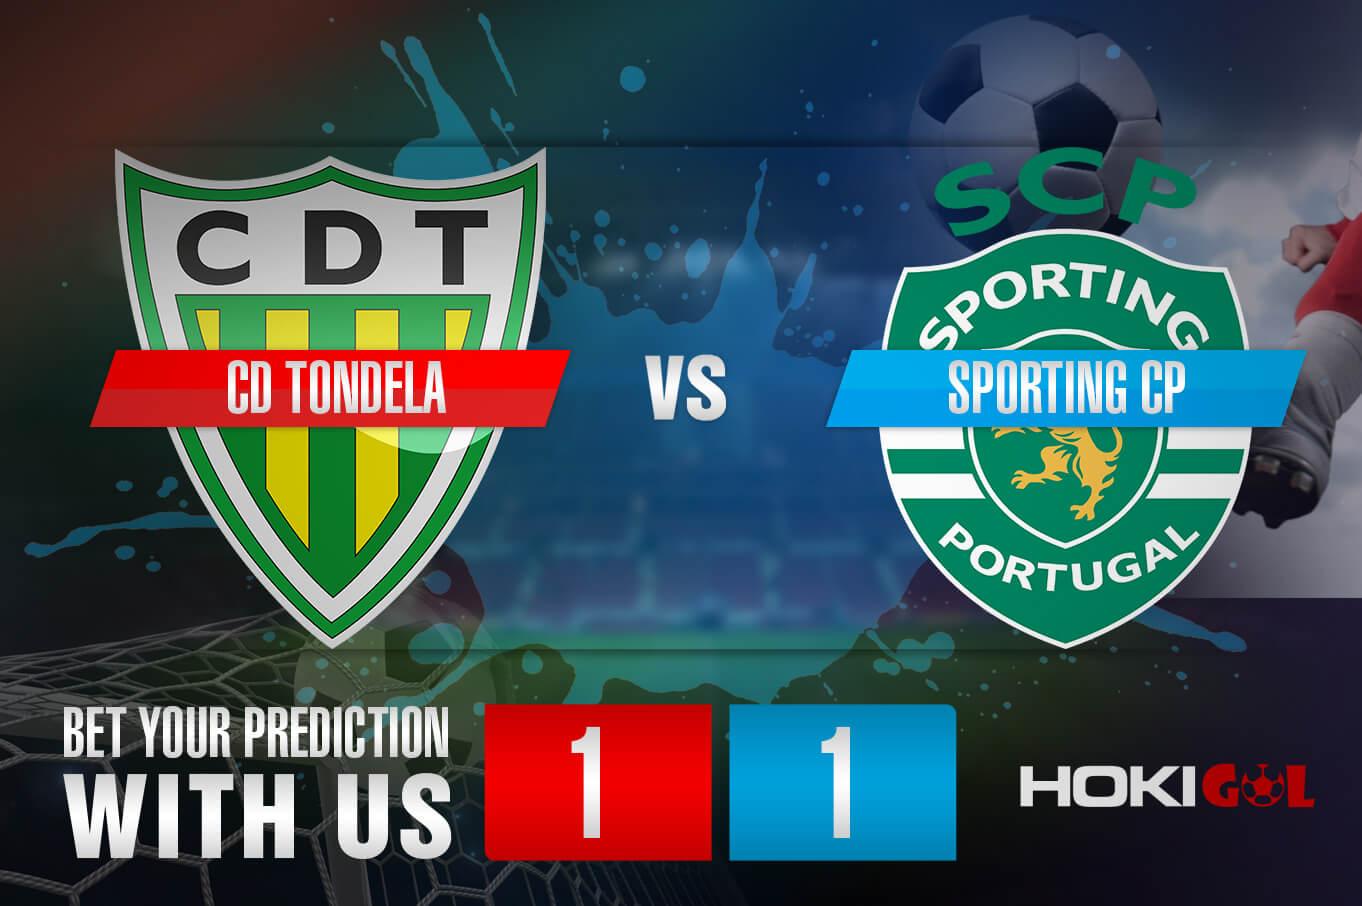 Prediksi Bola CD Tondela Vs Sporting CP 14 Maret 2021